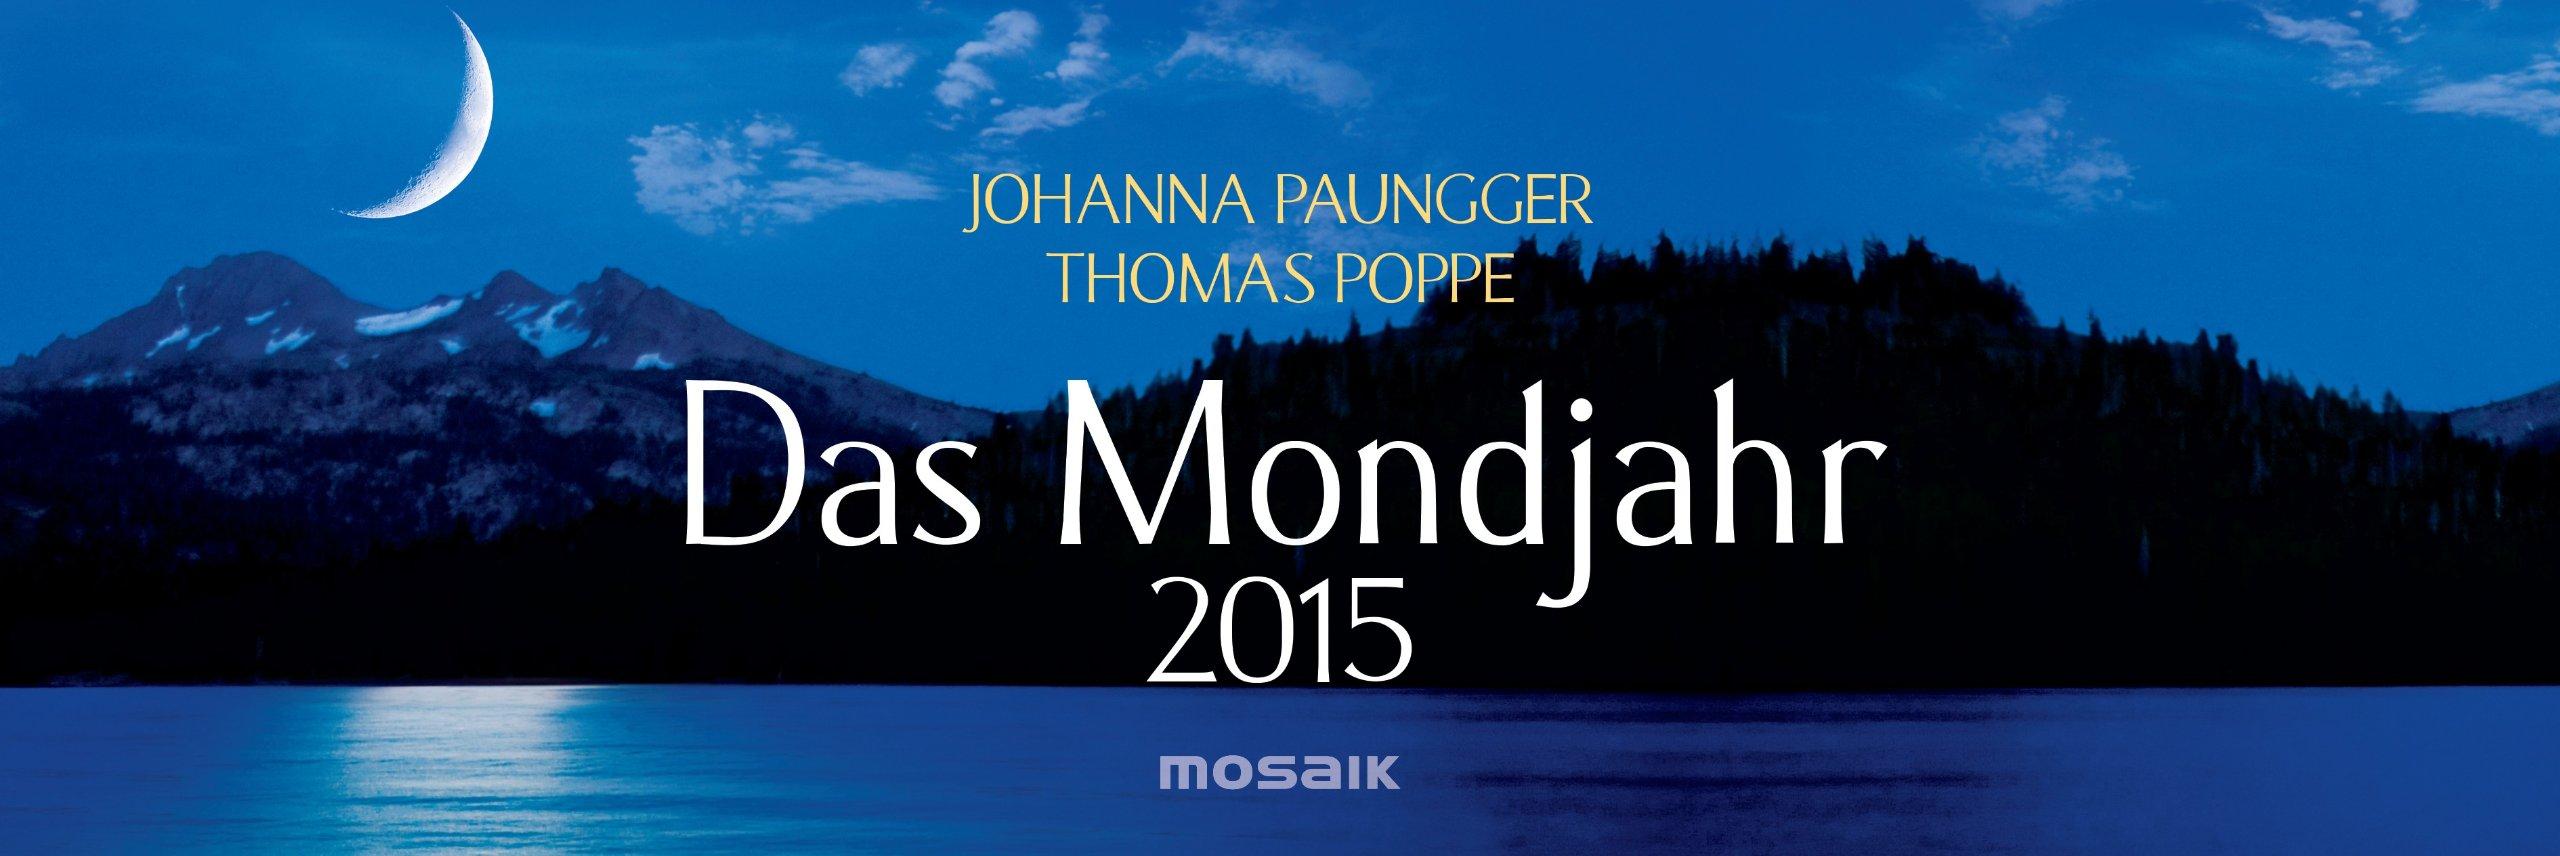 das-mondjahr-2015-wochenkalender